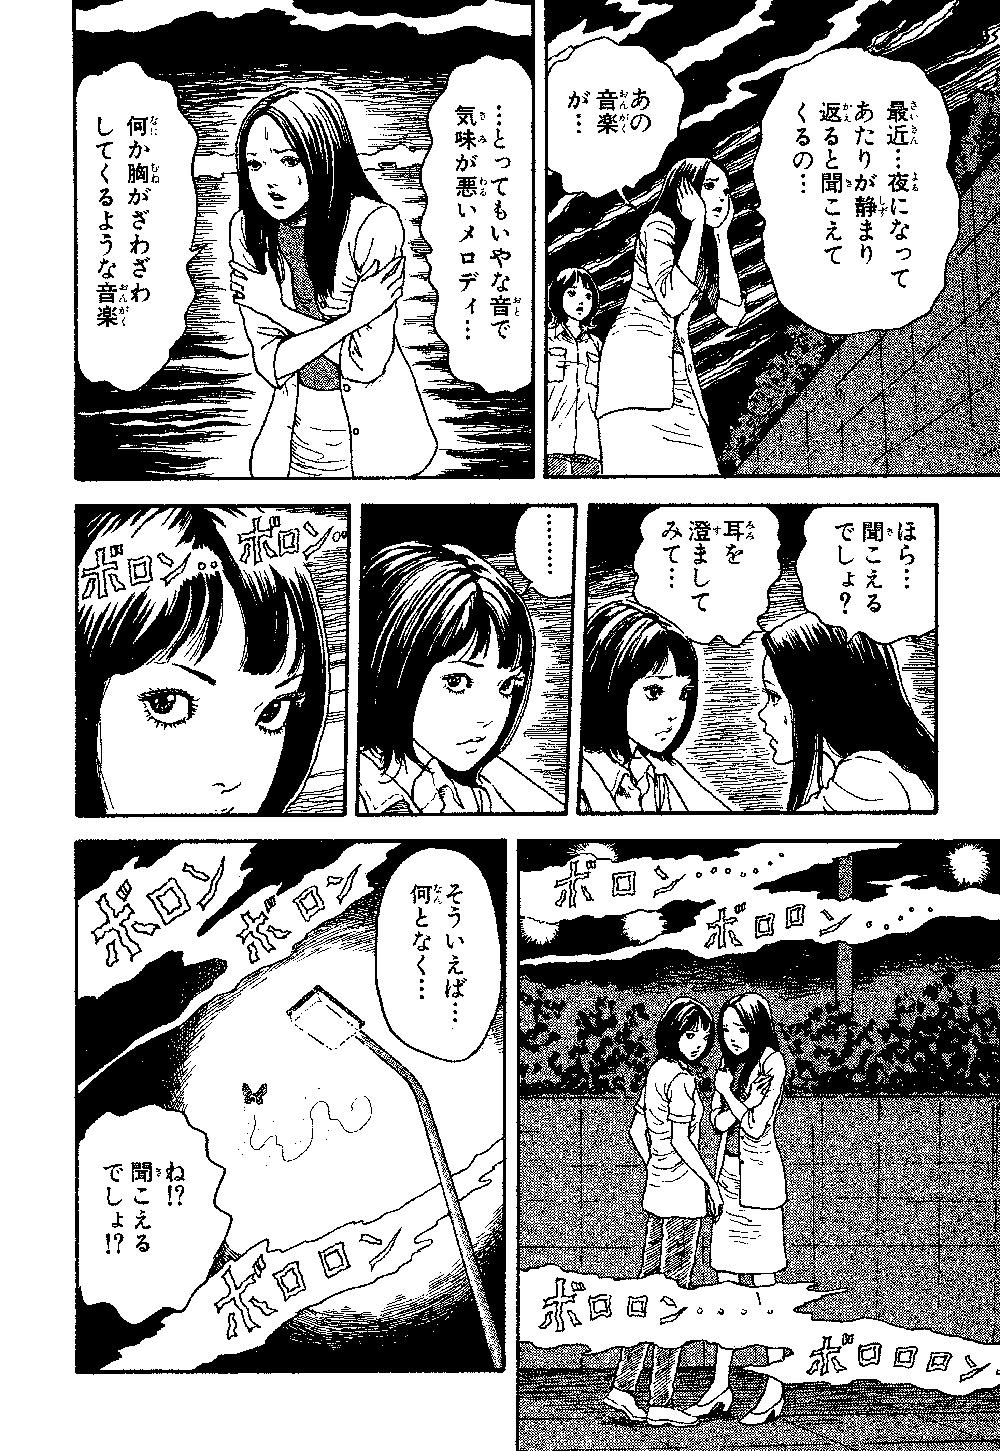 itouj_0004_0376.jpg